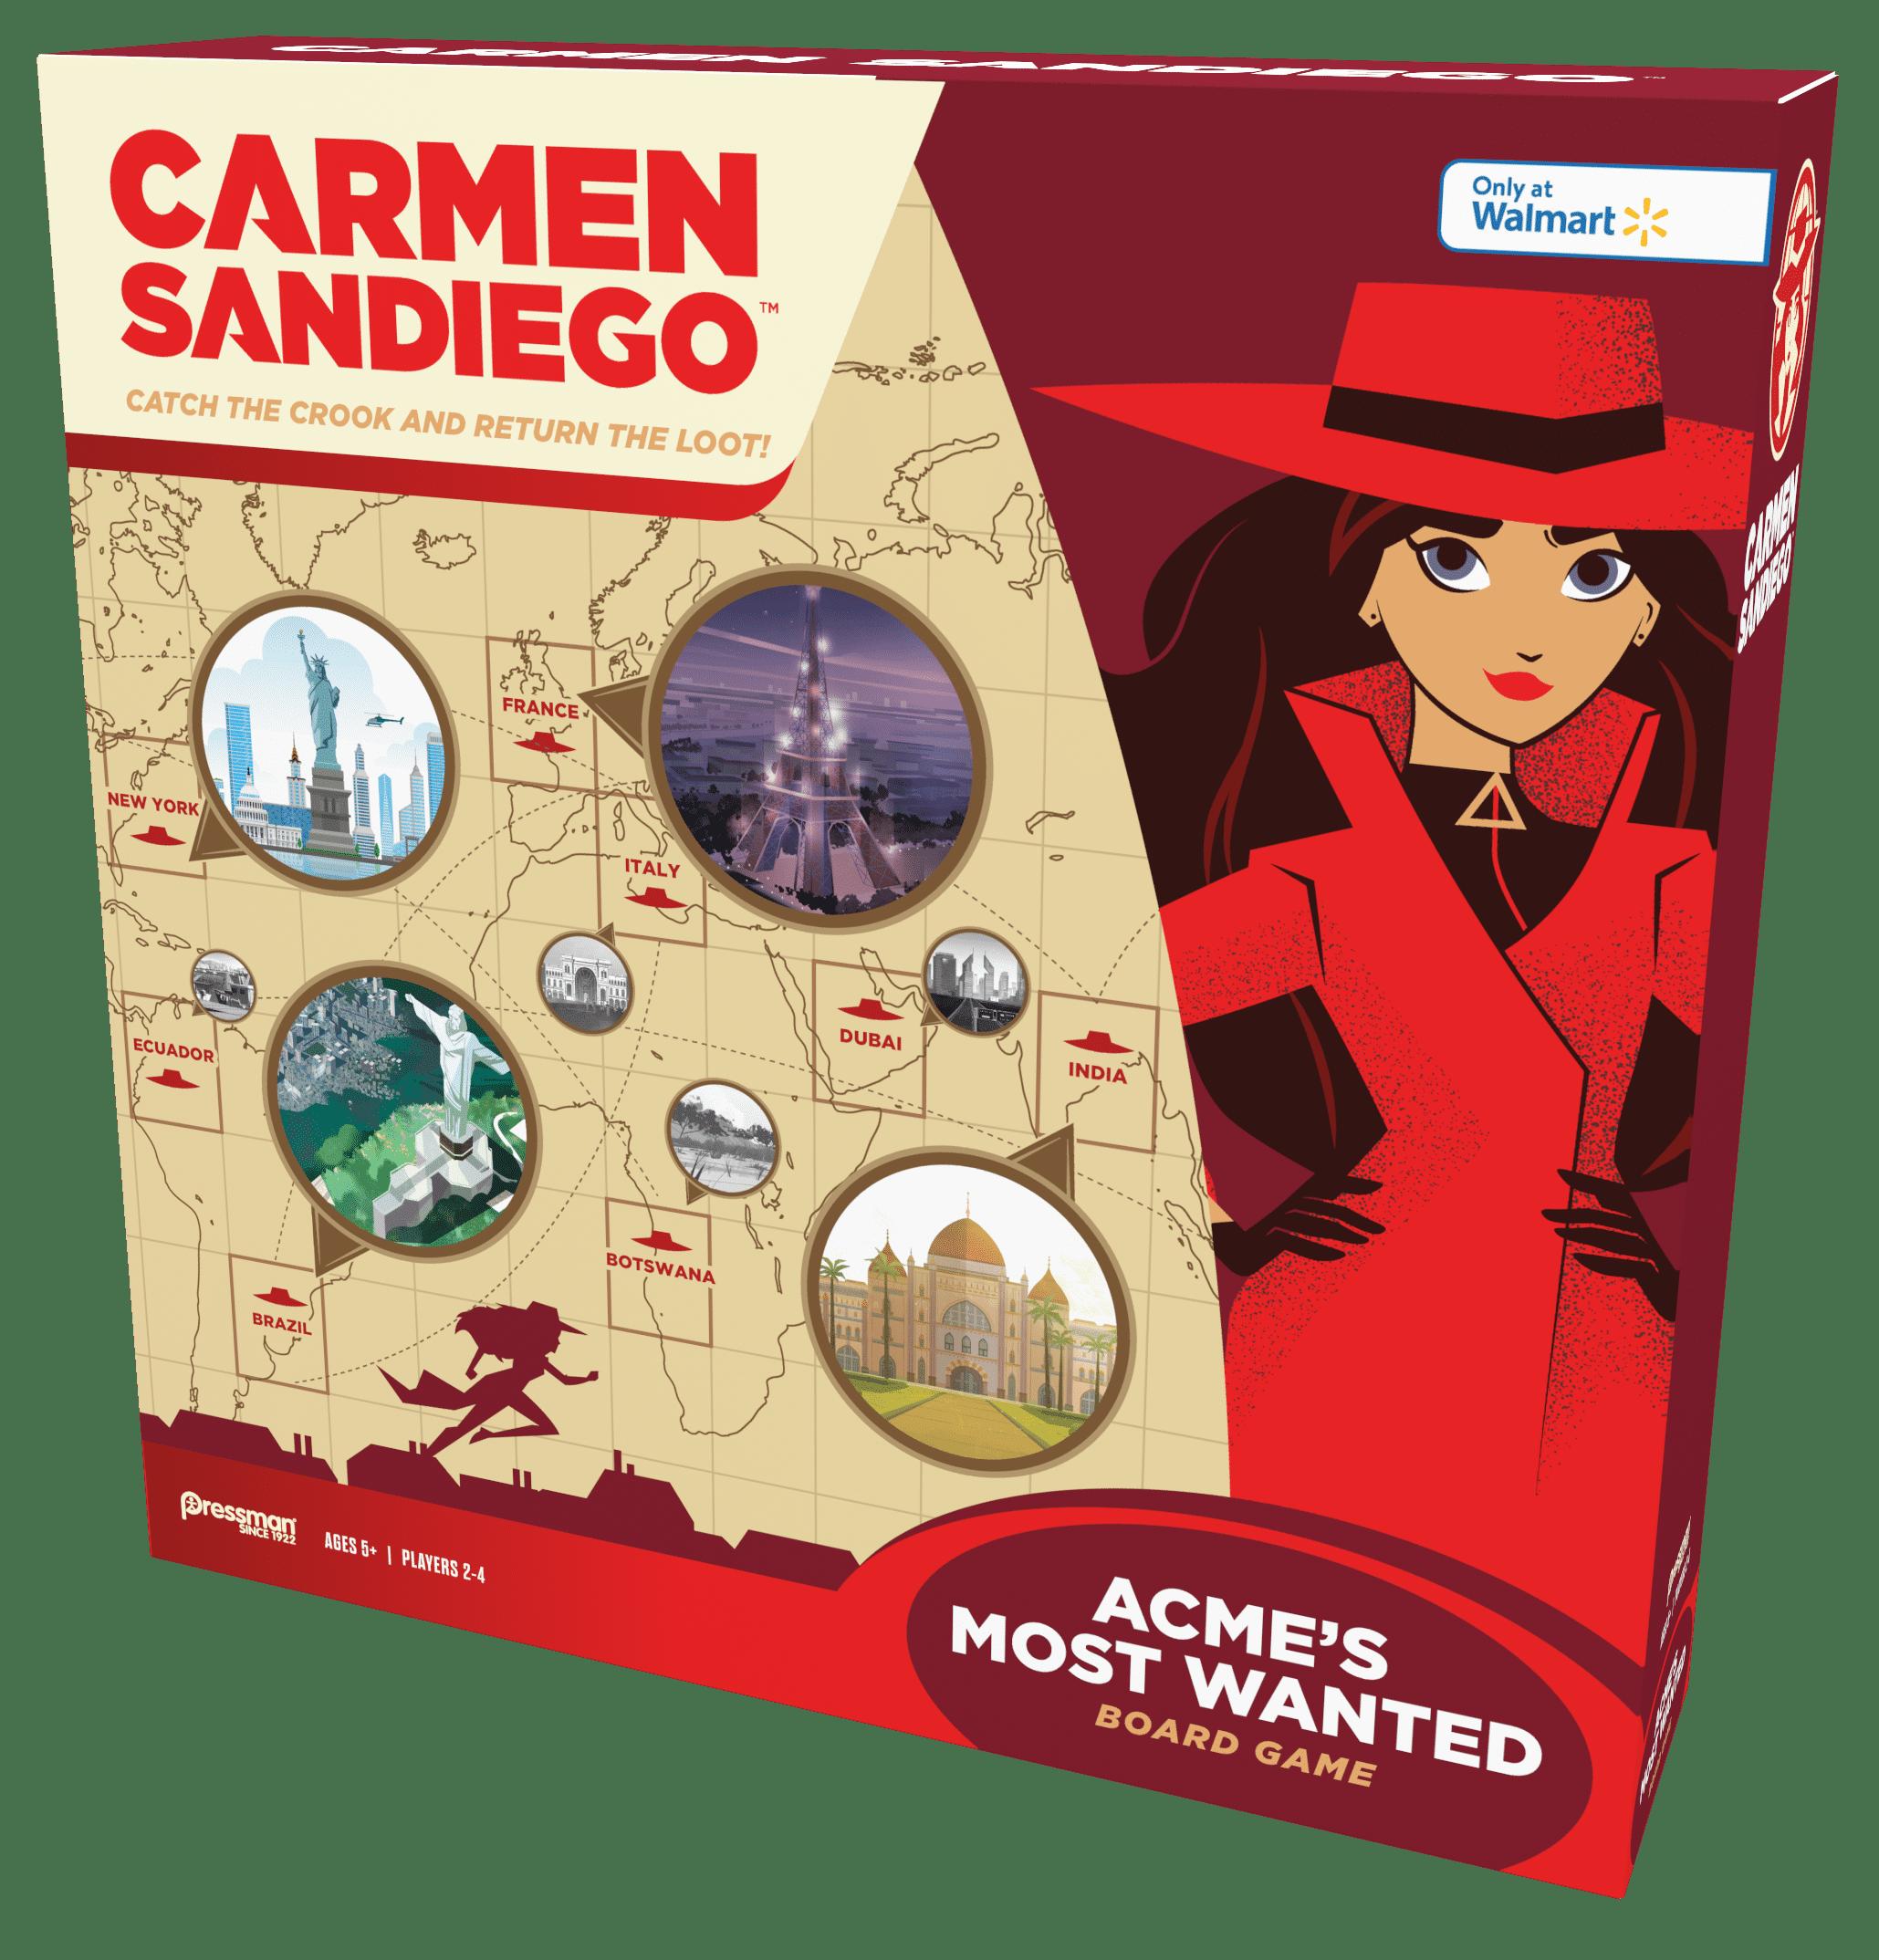 Carmen Sandiego Brand New In Box POP TV Funko Carmen Sandiego